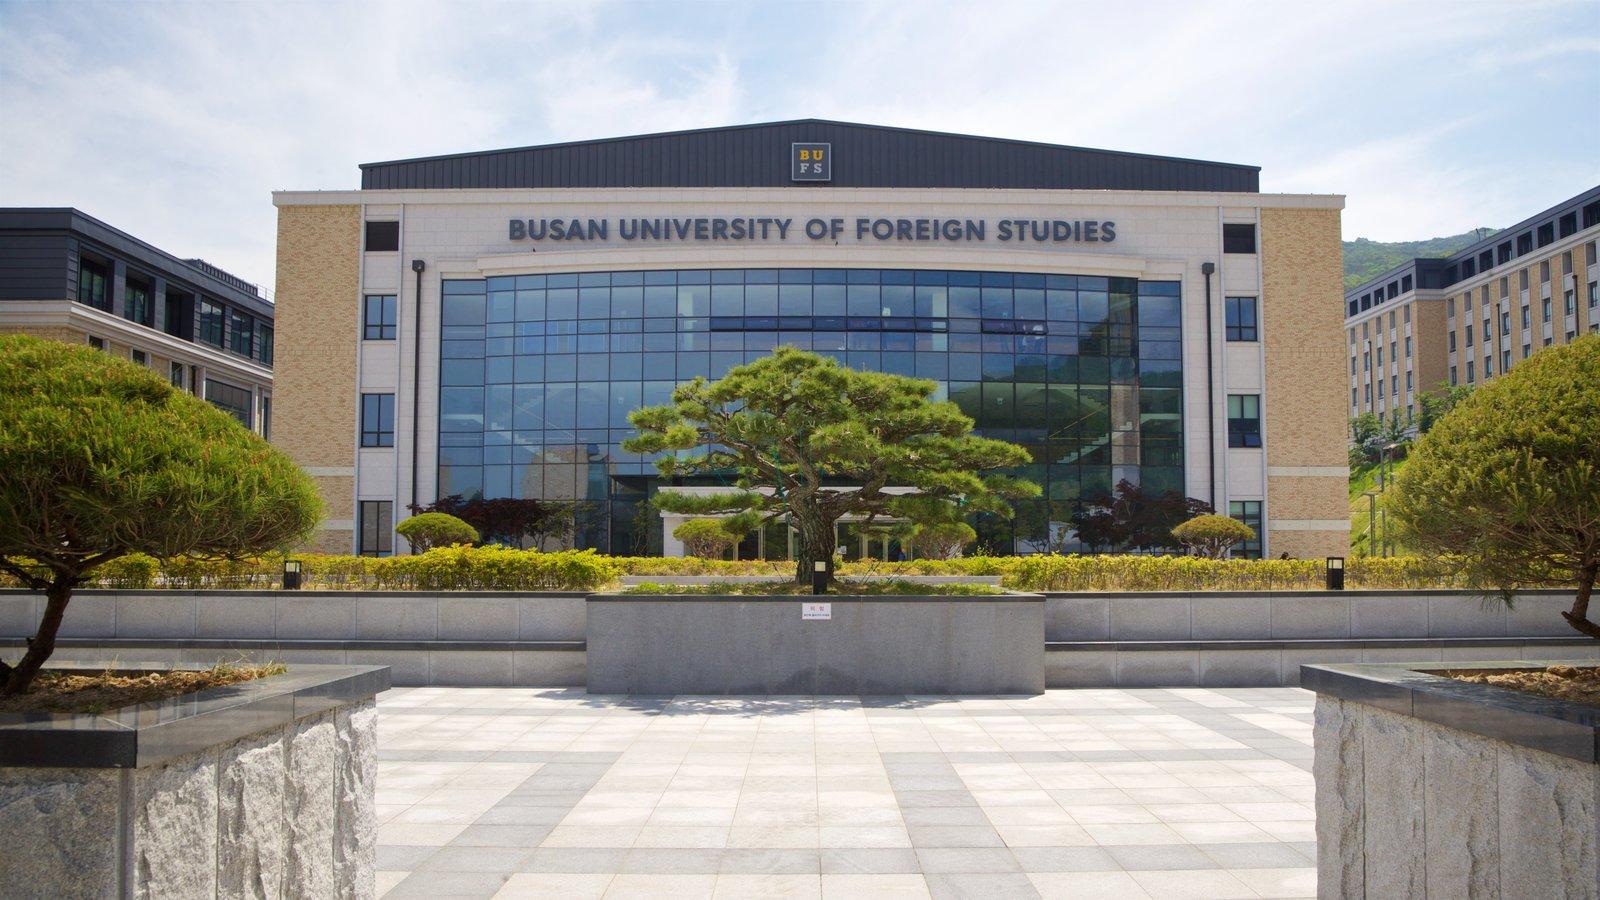 Universidad de Estudios Extranjeros de Busan mostrando señalización